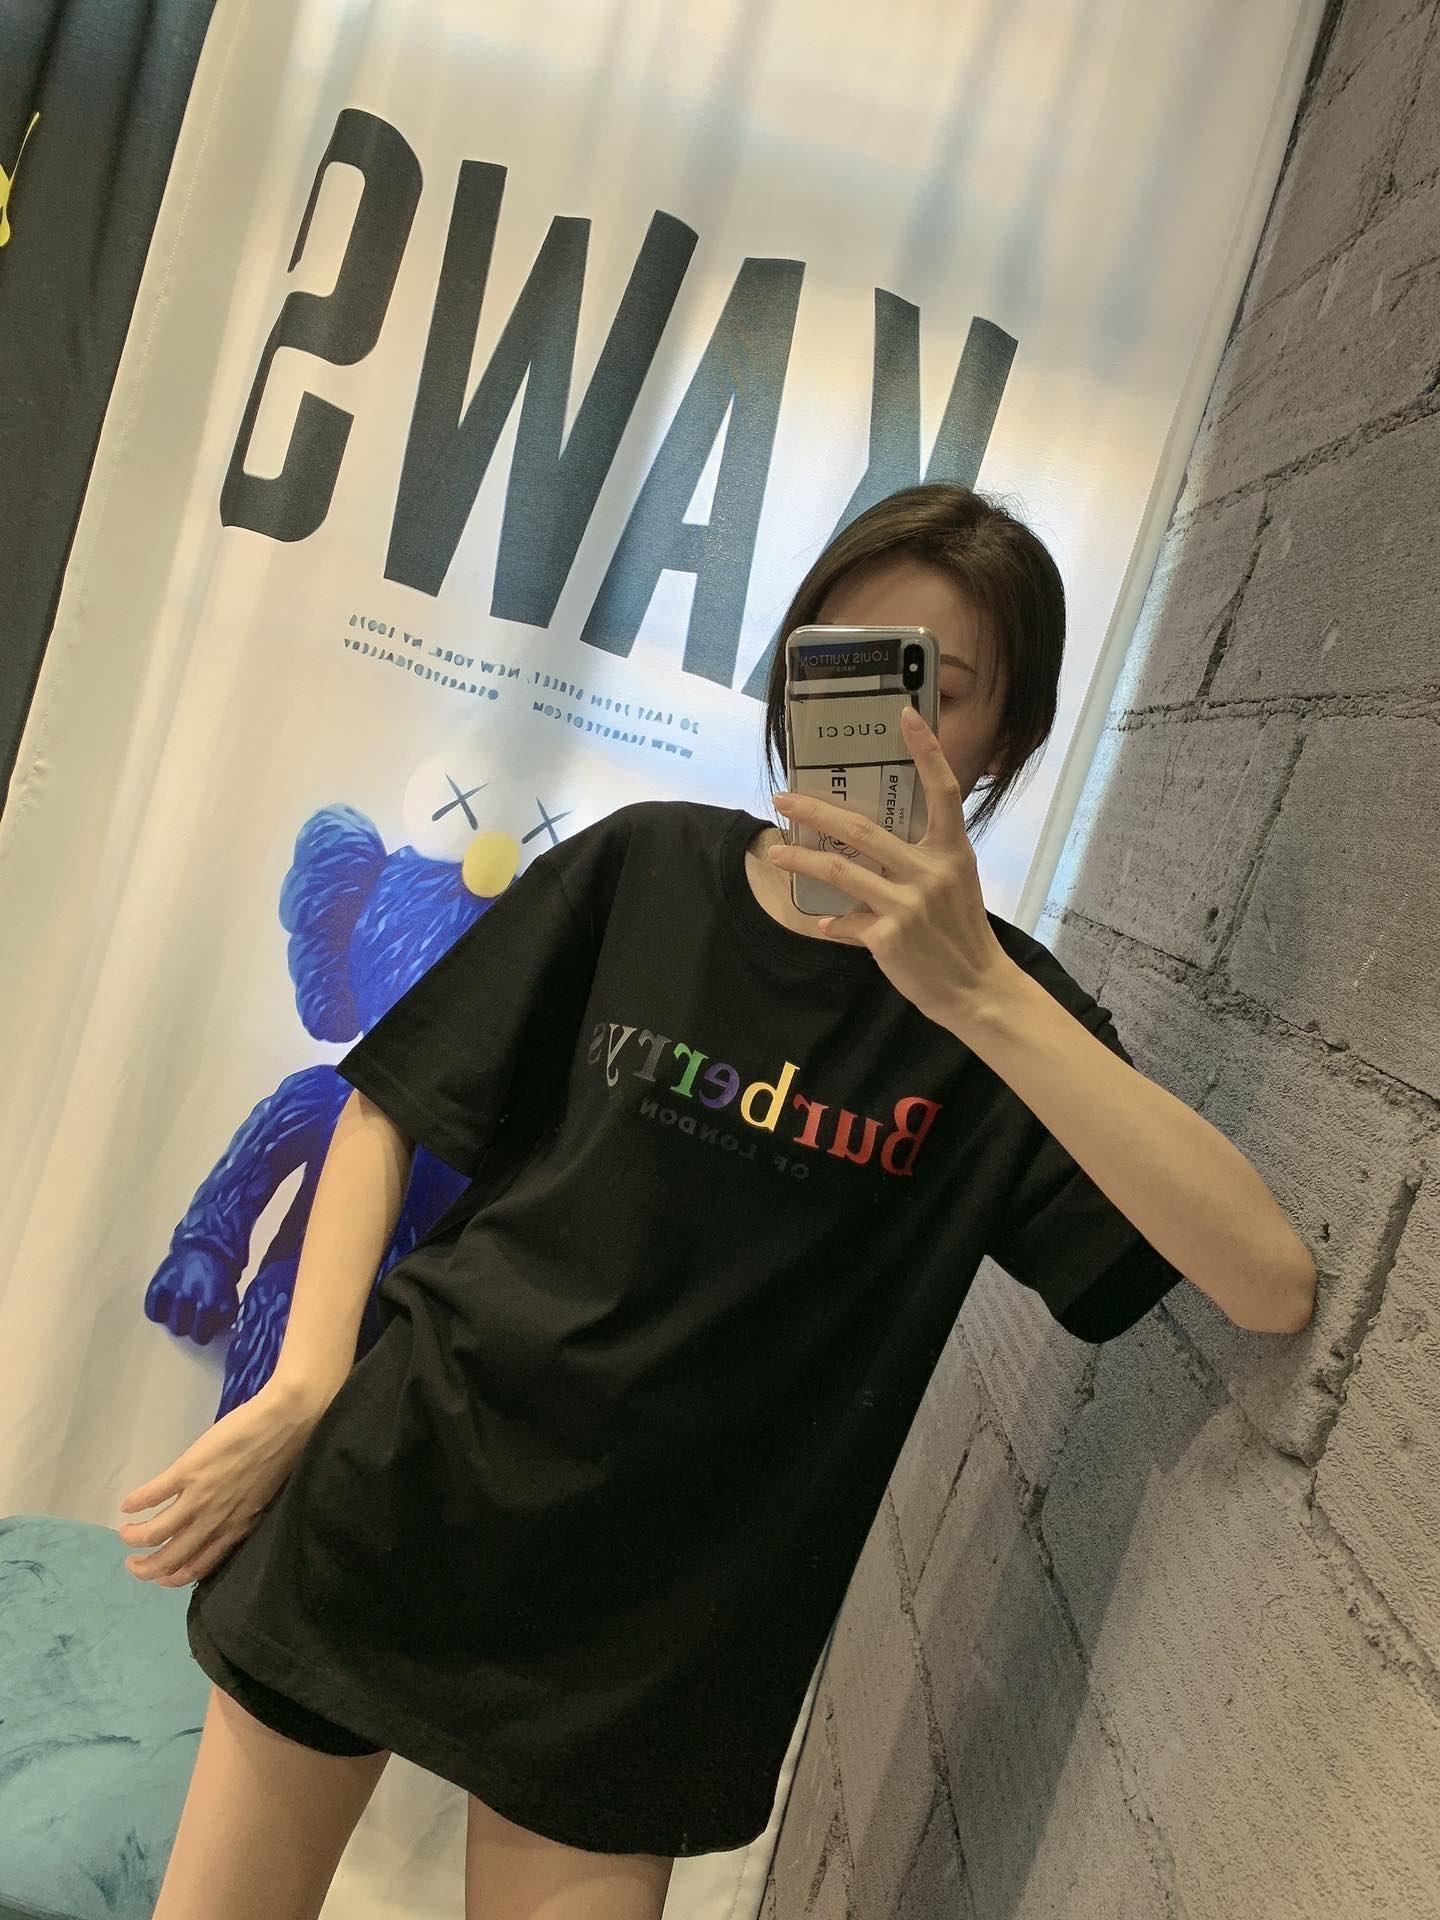 new arrival spring 2020 women t shirt T-shirt women tops short sleeve ty45*6435zy100862